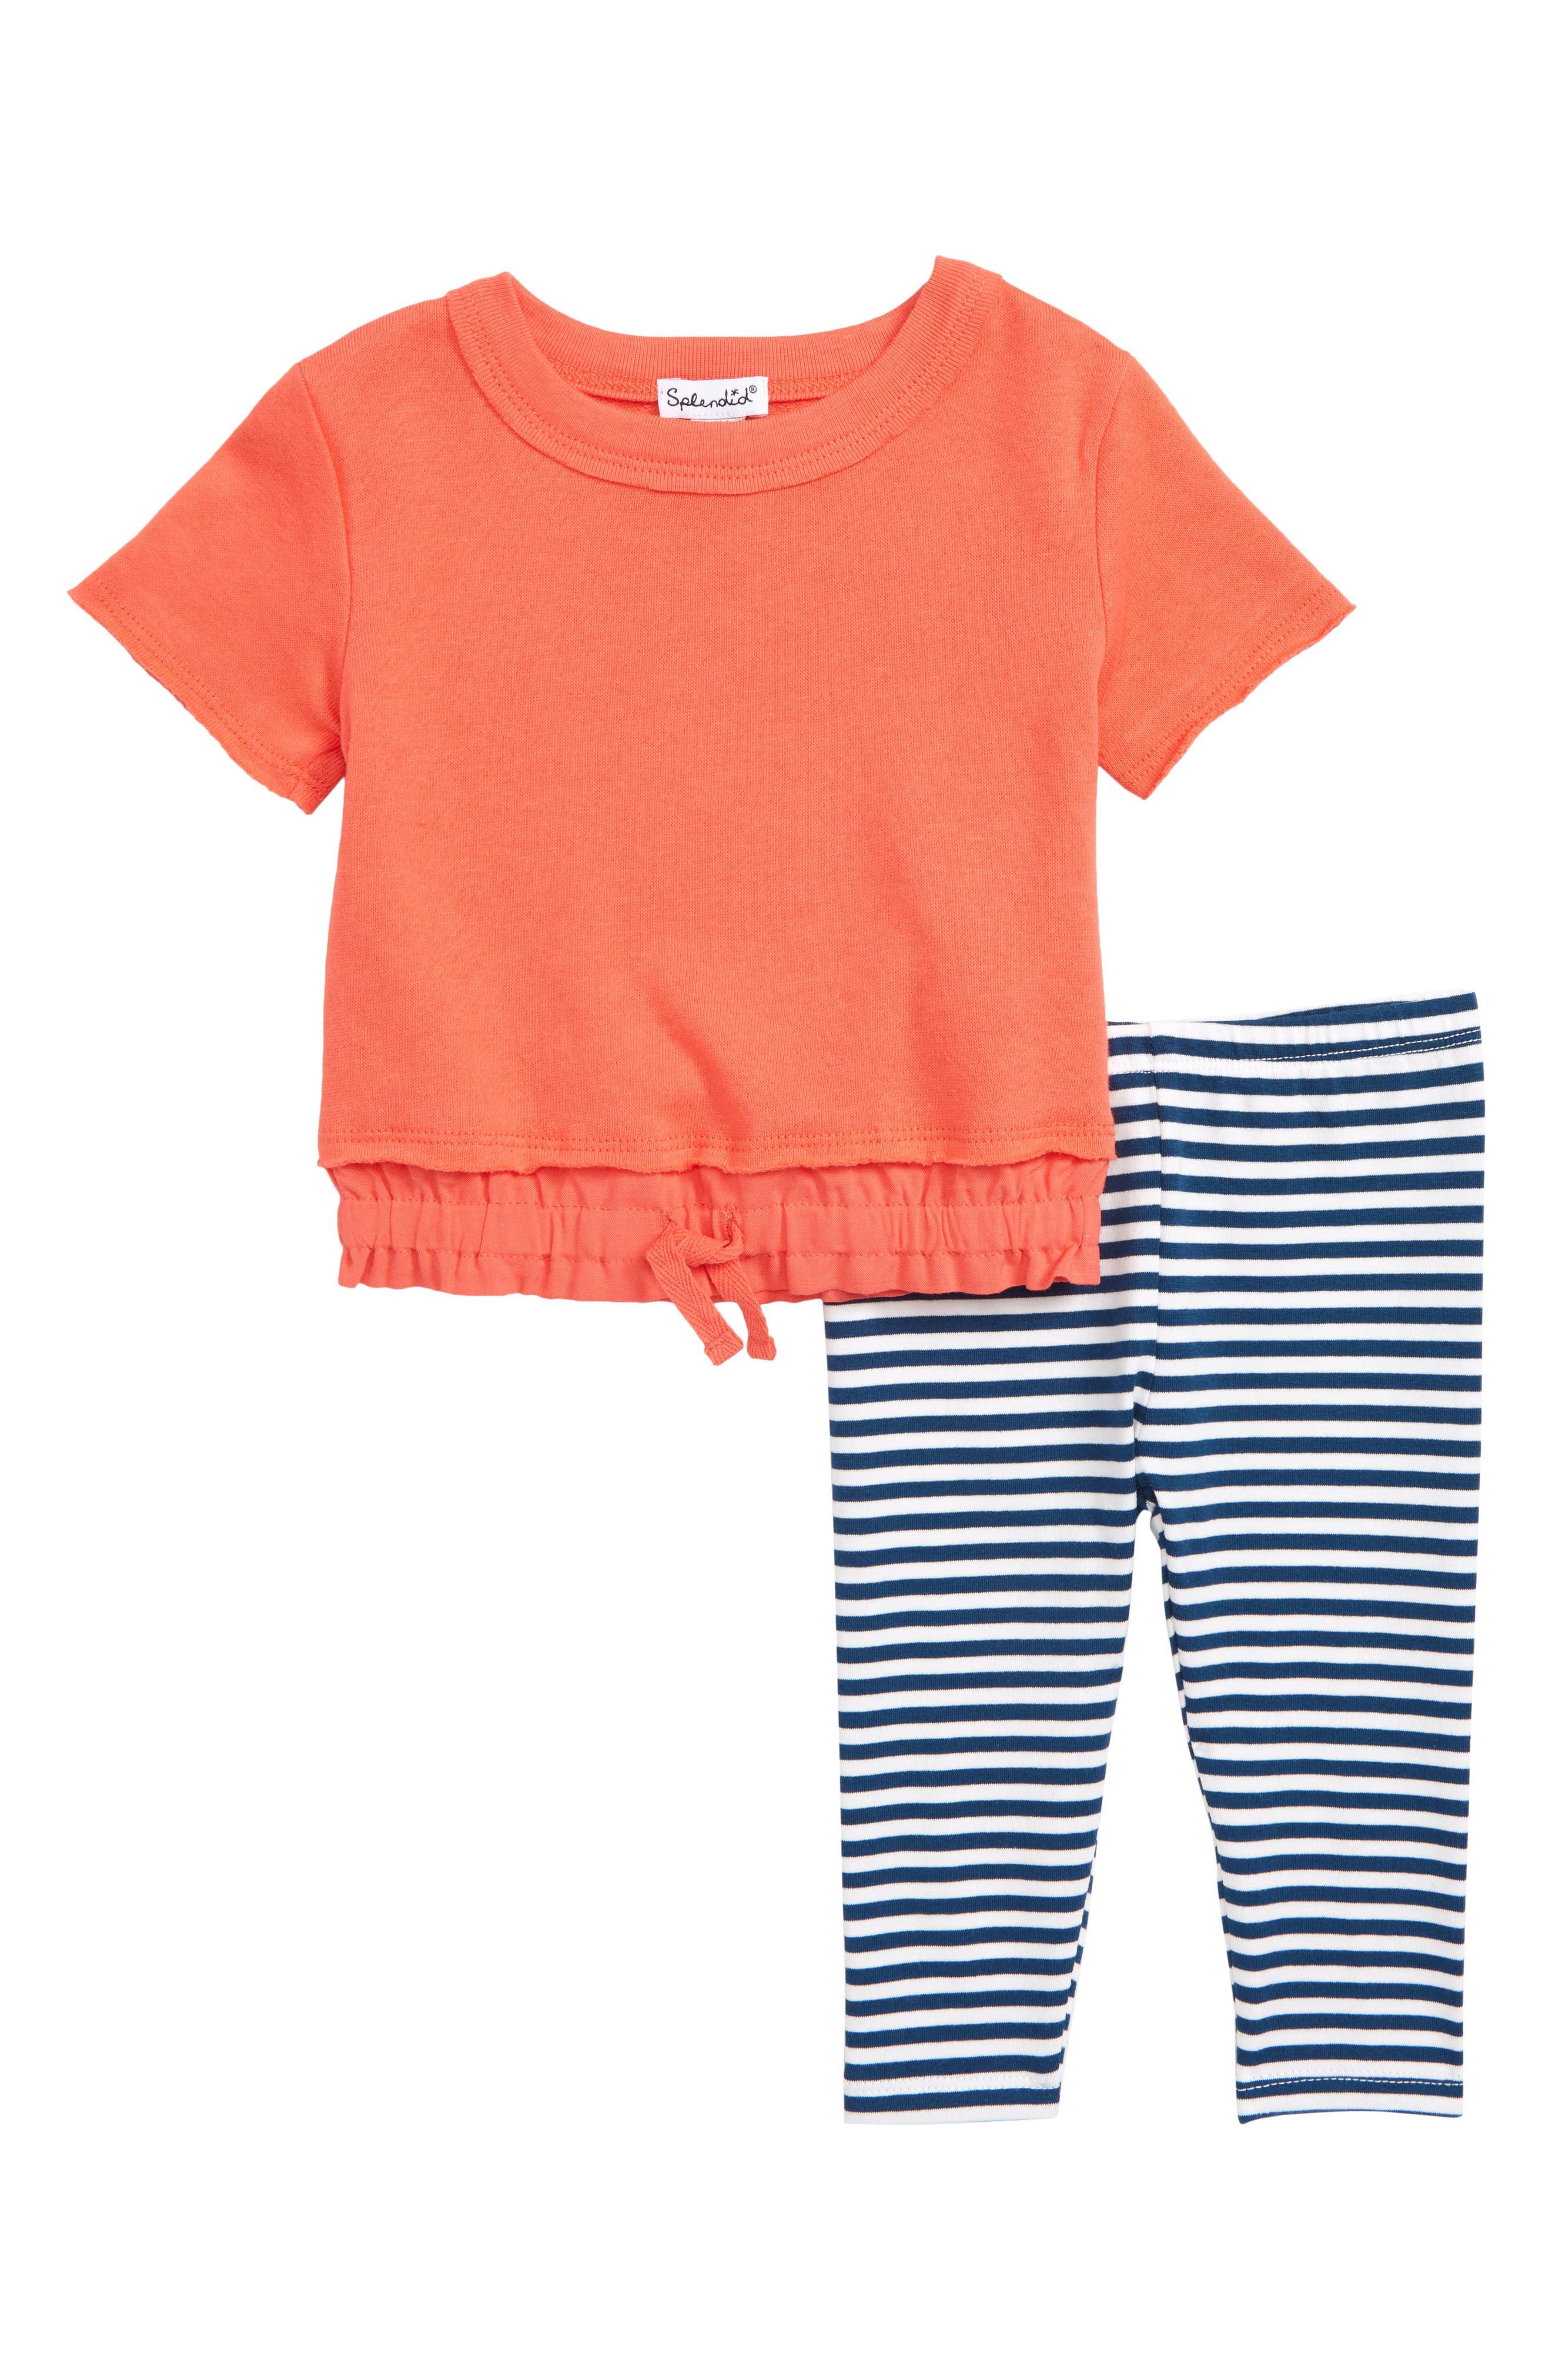 SPLENDID Top & Stripe Pants Set, Main, color, CORAL LIPSTICK